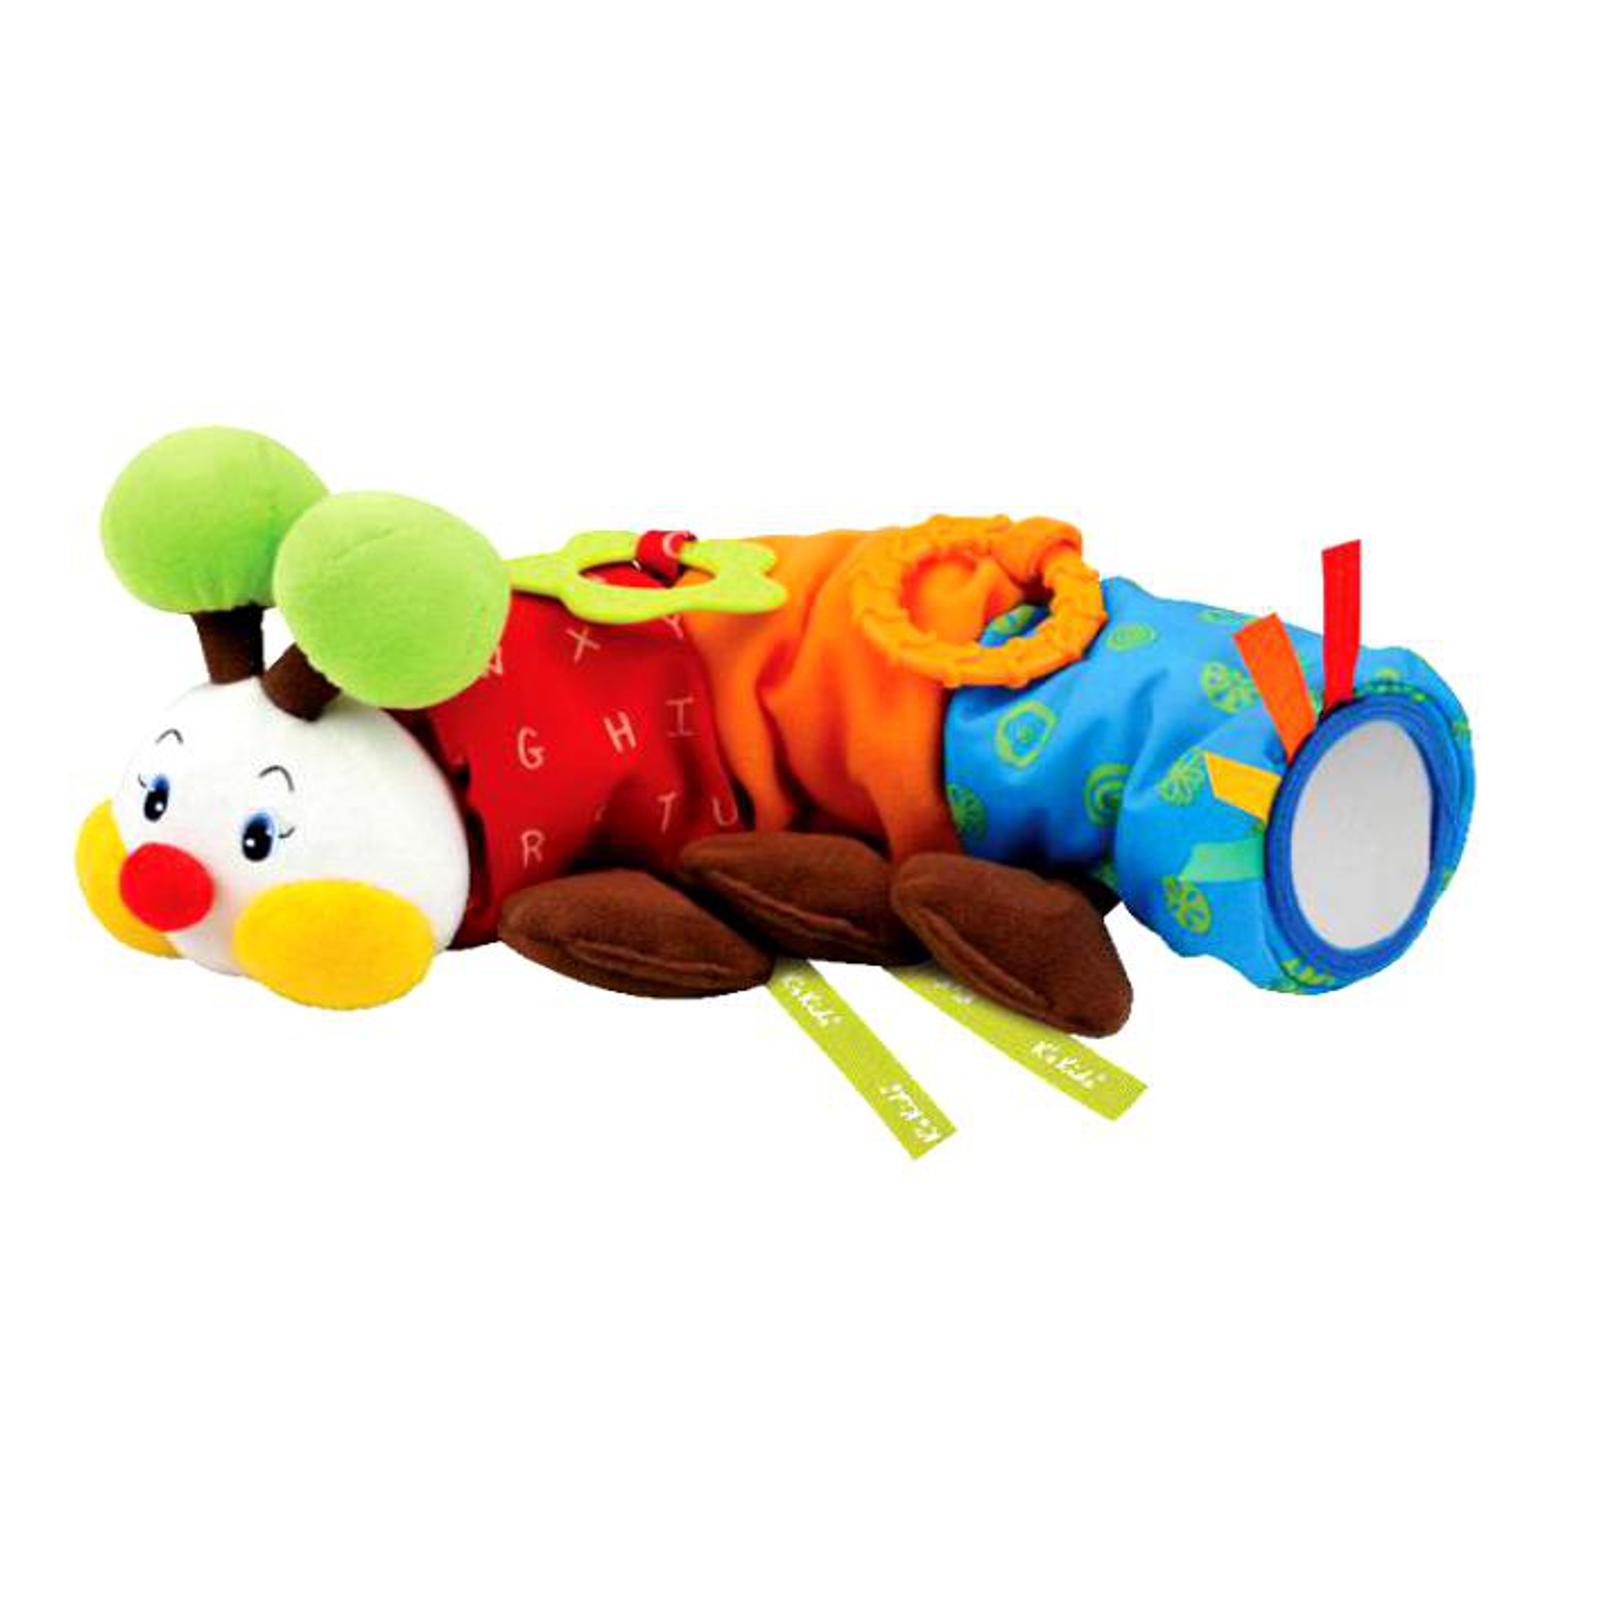 Развивающая игрушка K&amp;#039;s Kids Гусеничка с 0 мес. для коляски<br>